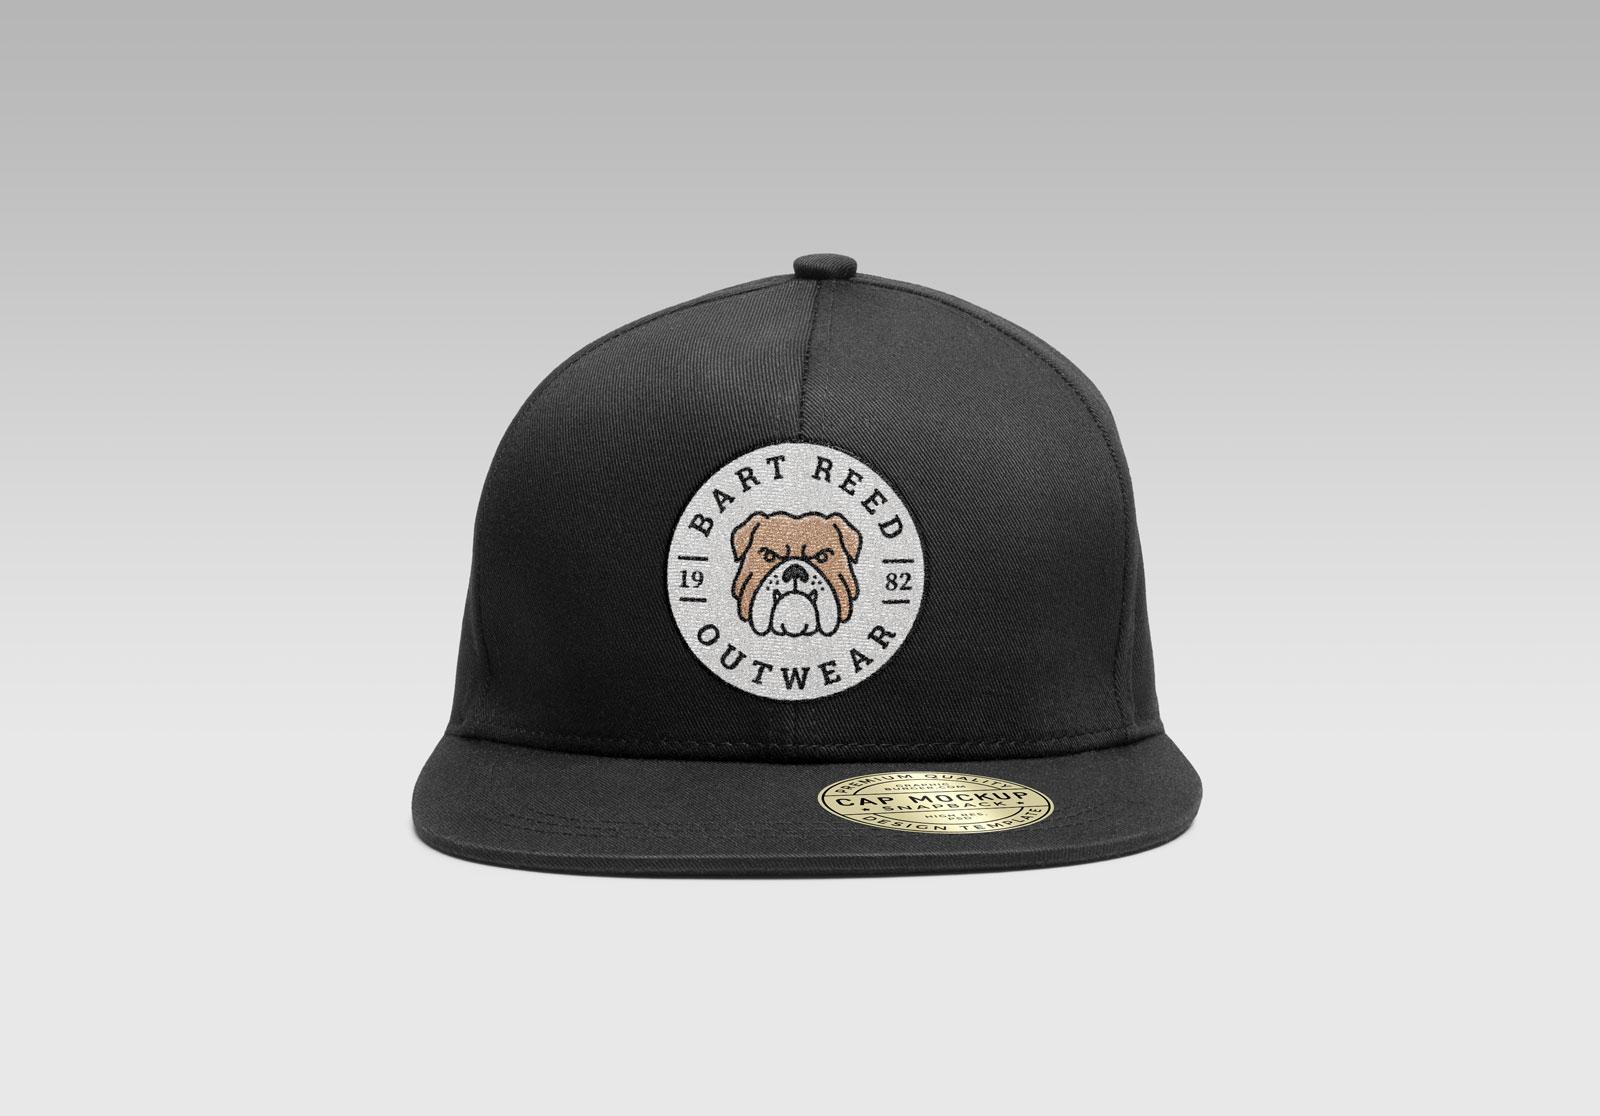 Free-Snapback-Men's-Cap-Mockup-PSD-With-Woven-Logo